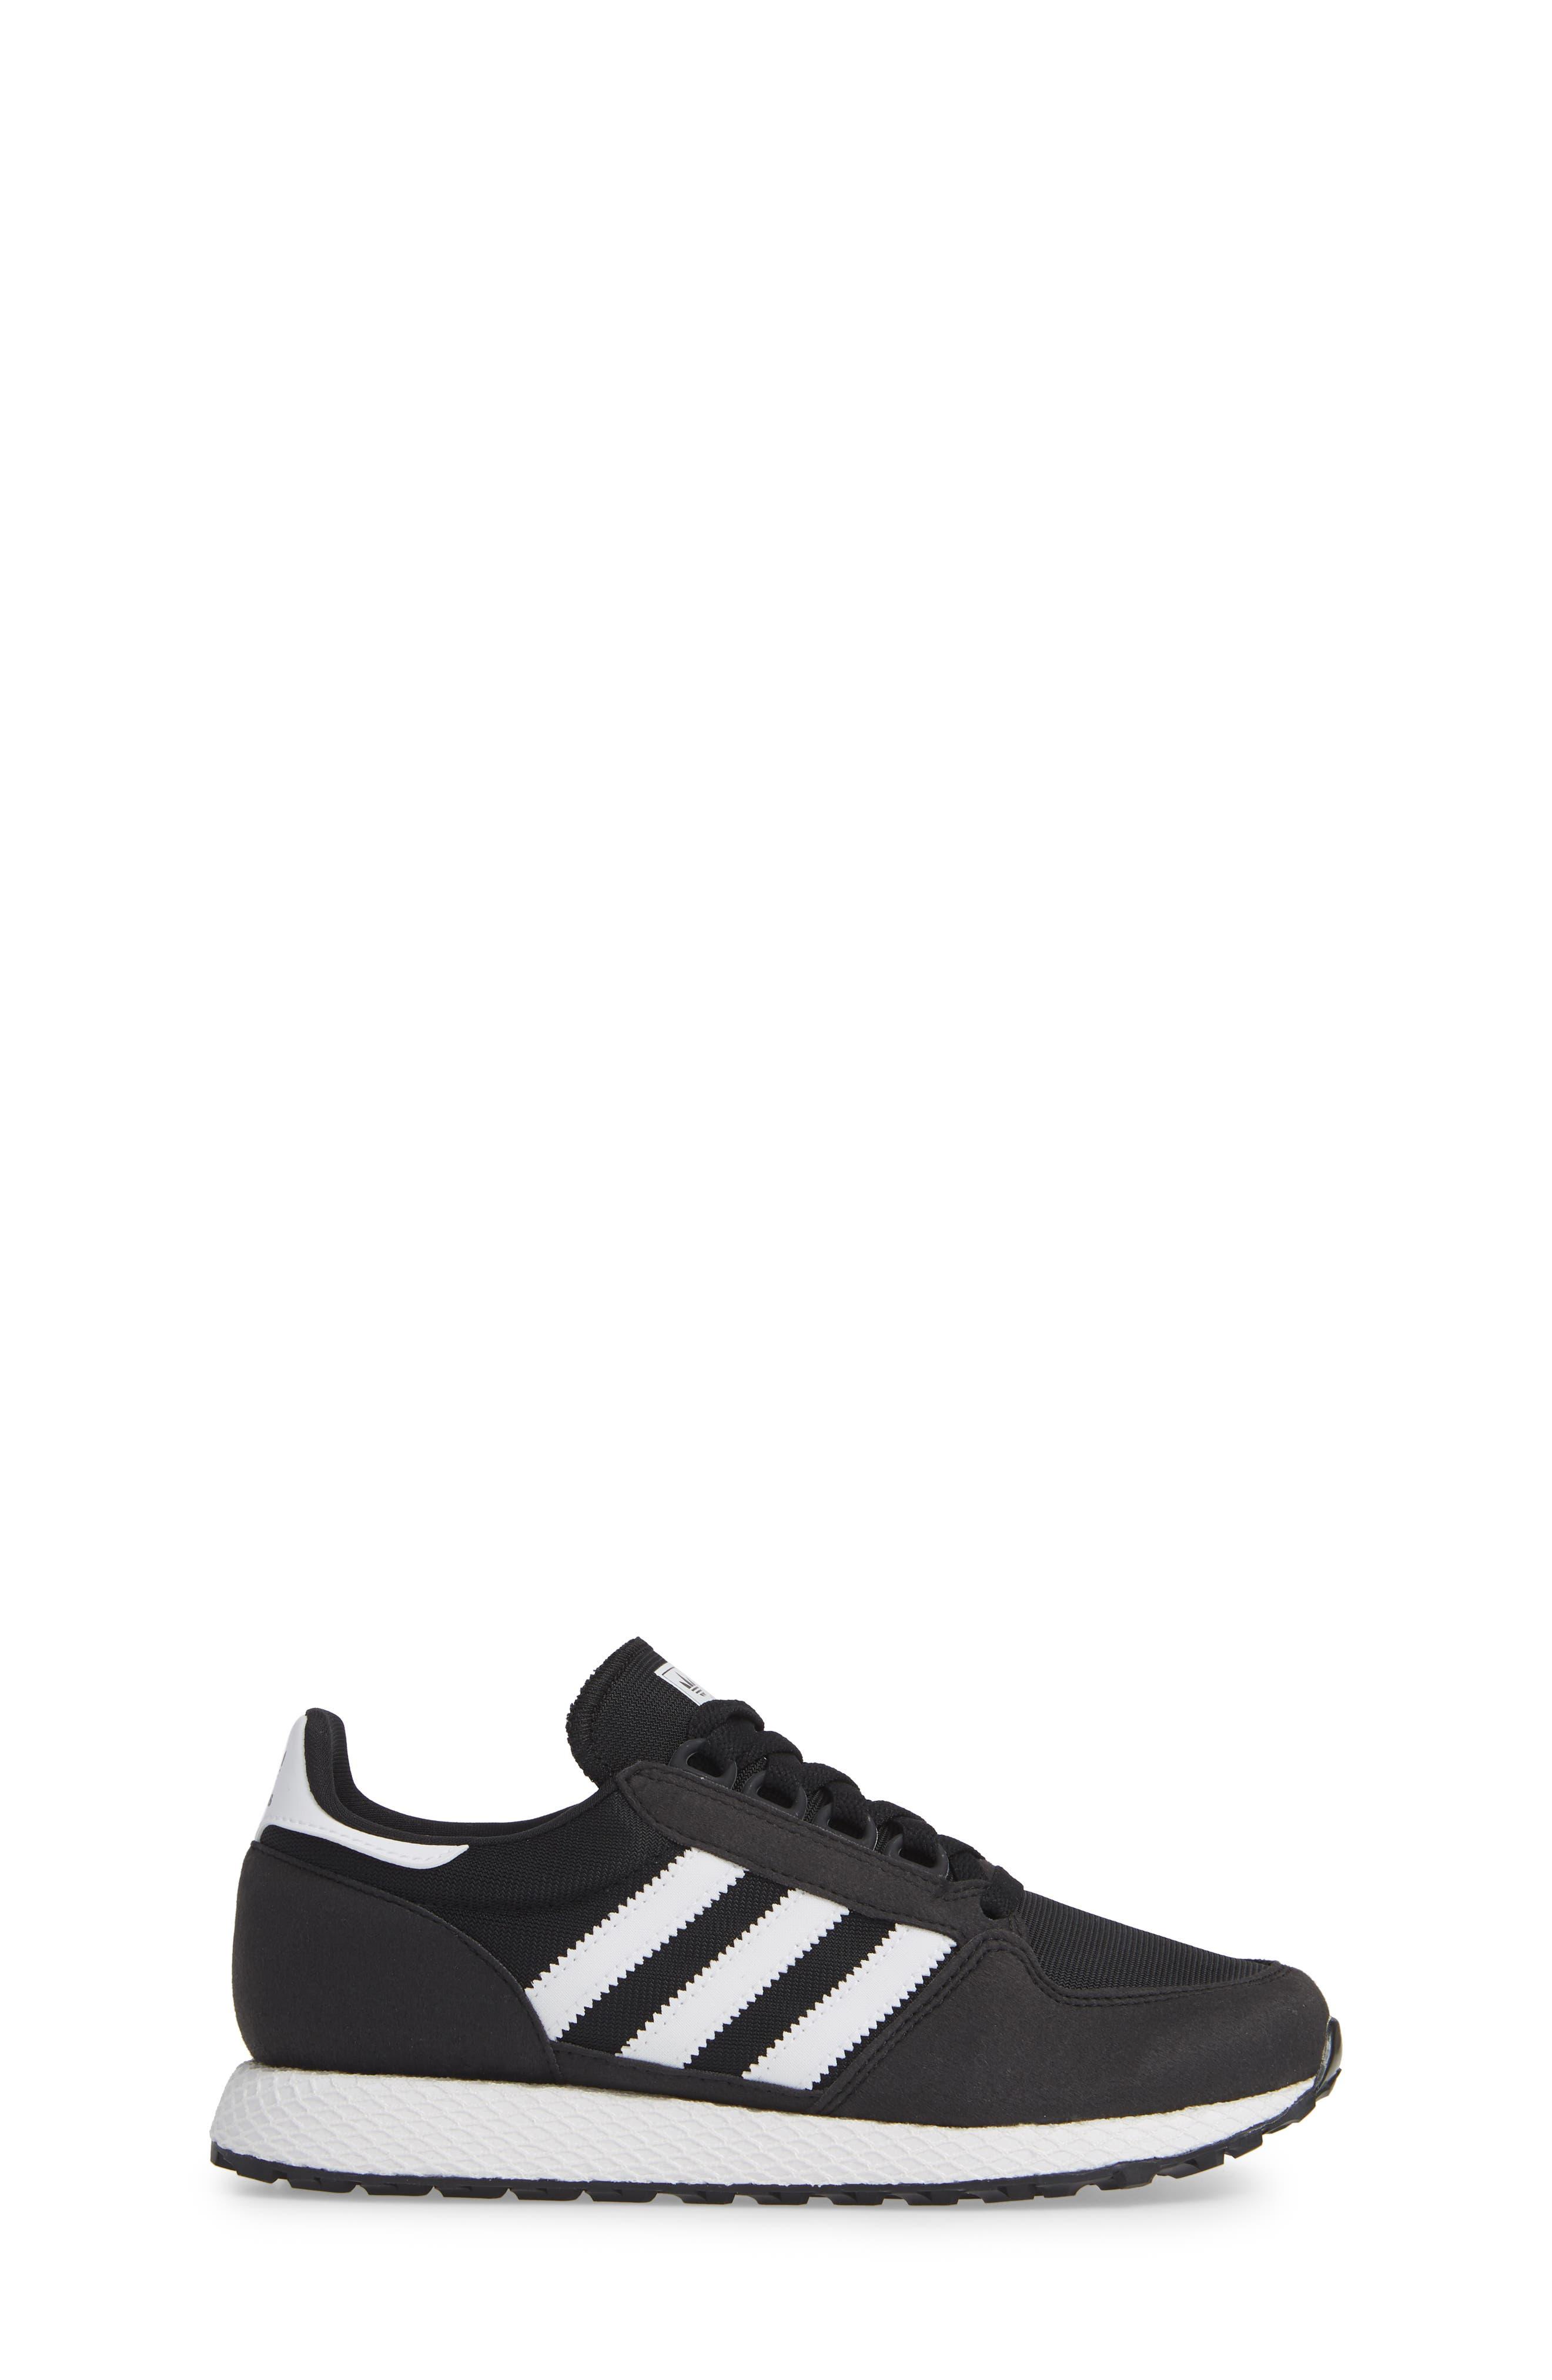 Forest Grove Sneaker,                             Alternate thumbnail 3, color,                             BLACK/ WHITE/ BLACK